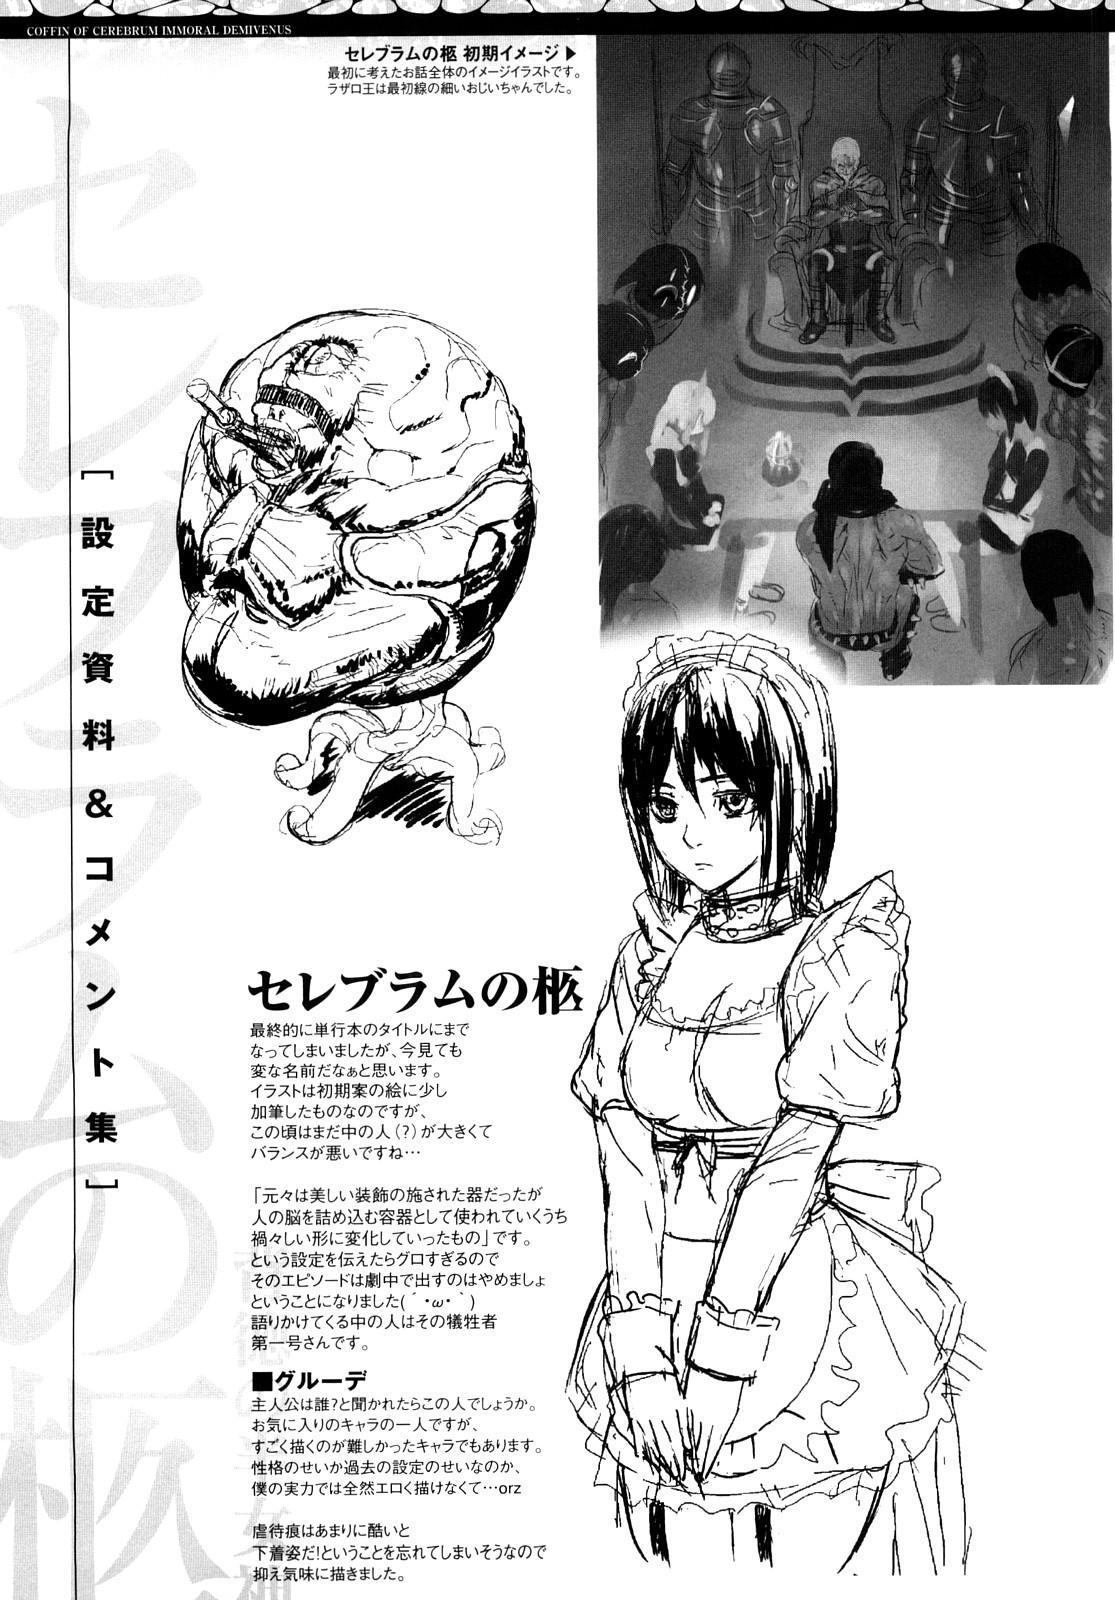 Cerberum no Hitsugi Haitoku no Hanmegami - The Coffin of Cerebrum Immoral Demivenus 177